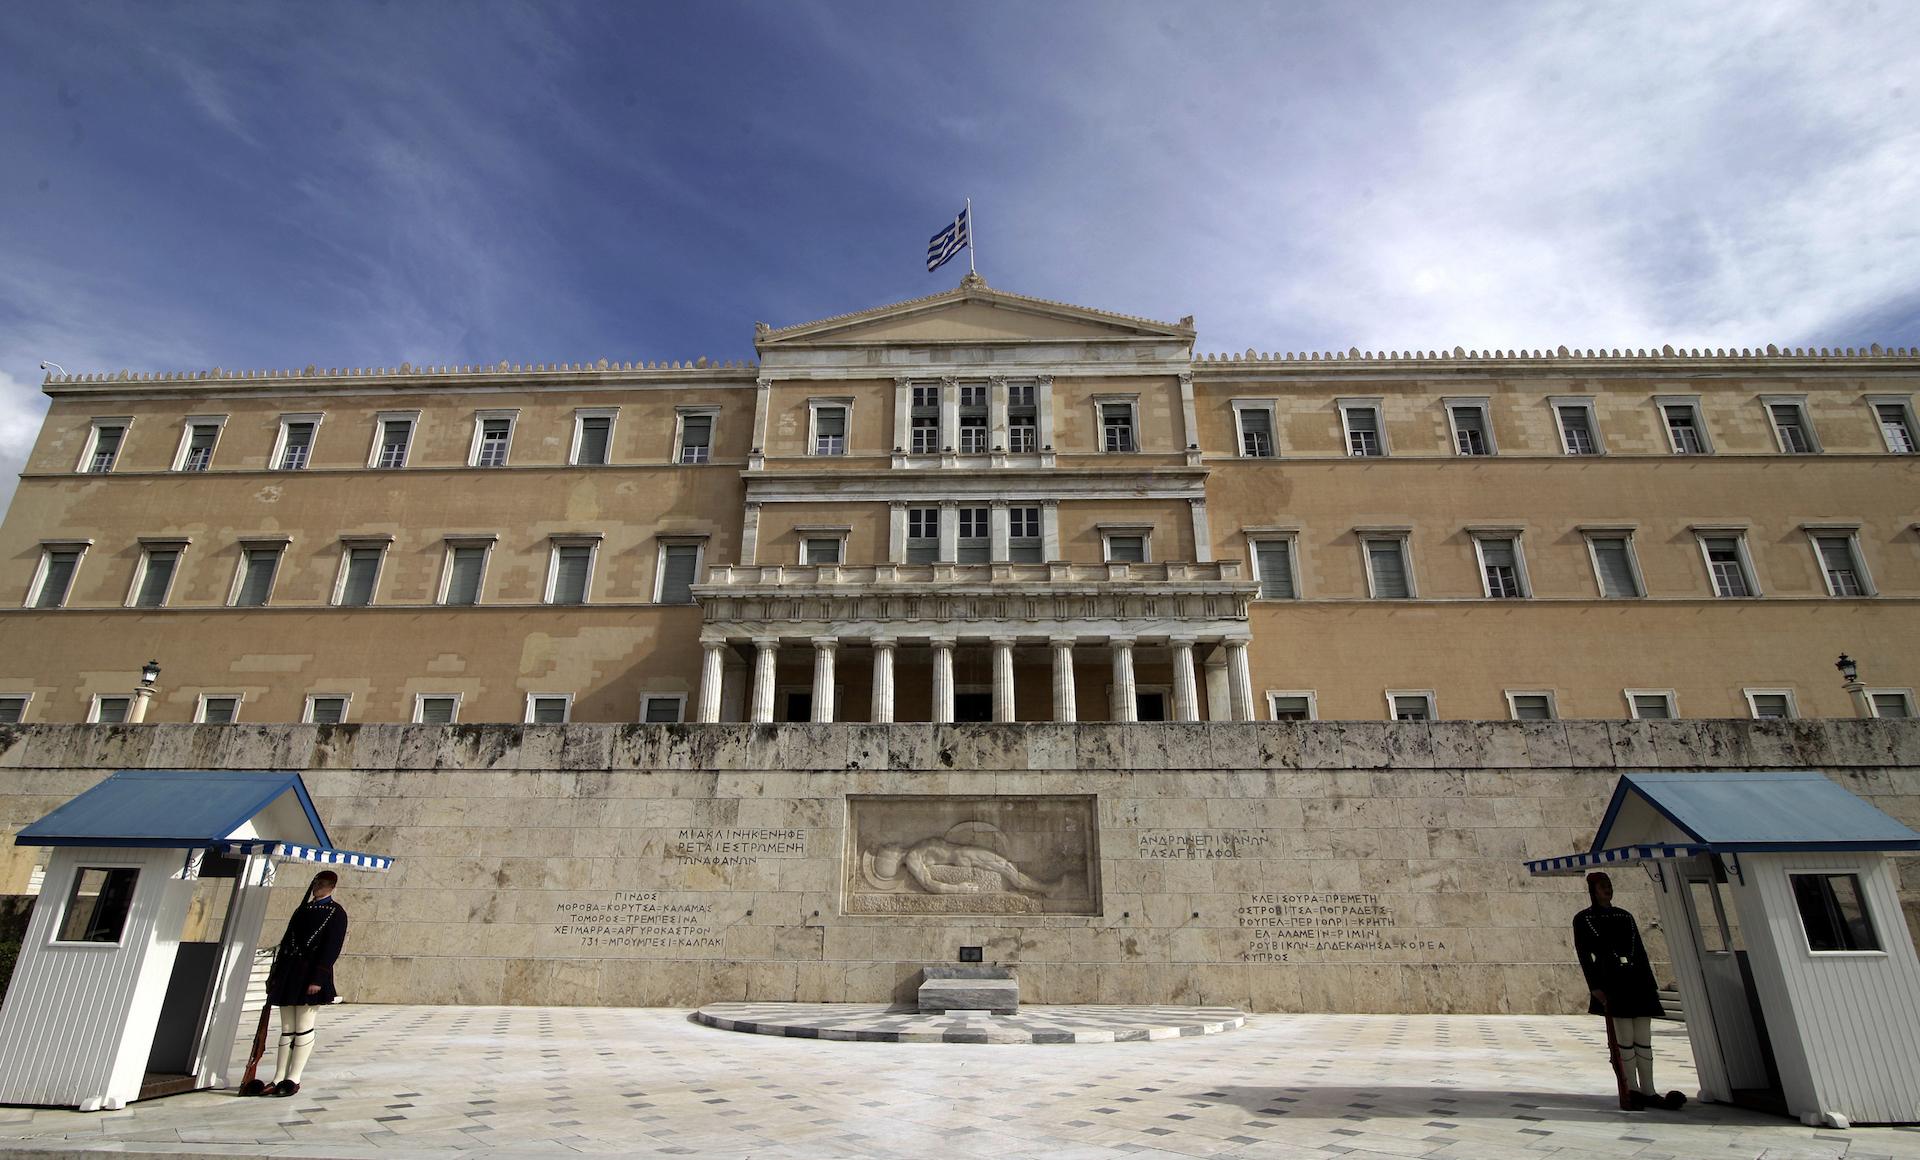 Ο Ιπποκράτης Χατζηαγγελίδης εύχεται η χώρα να περάσει στην Δ' Ελληνική Δημοκρατία χωρίς εθνικές τραγωδίες αυτή τη φορά. Σημειώνει ότι ο κύκλος της μεταπολίτευσης και της Γ Ελληνικής Δημοκρατίας έκλεισε με τα θετικά και αρνητικά της και πλέον χρειάζεται να περάσουμε στο Προεδρικό σύστημα, όπως η Κύπρος. new deal